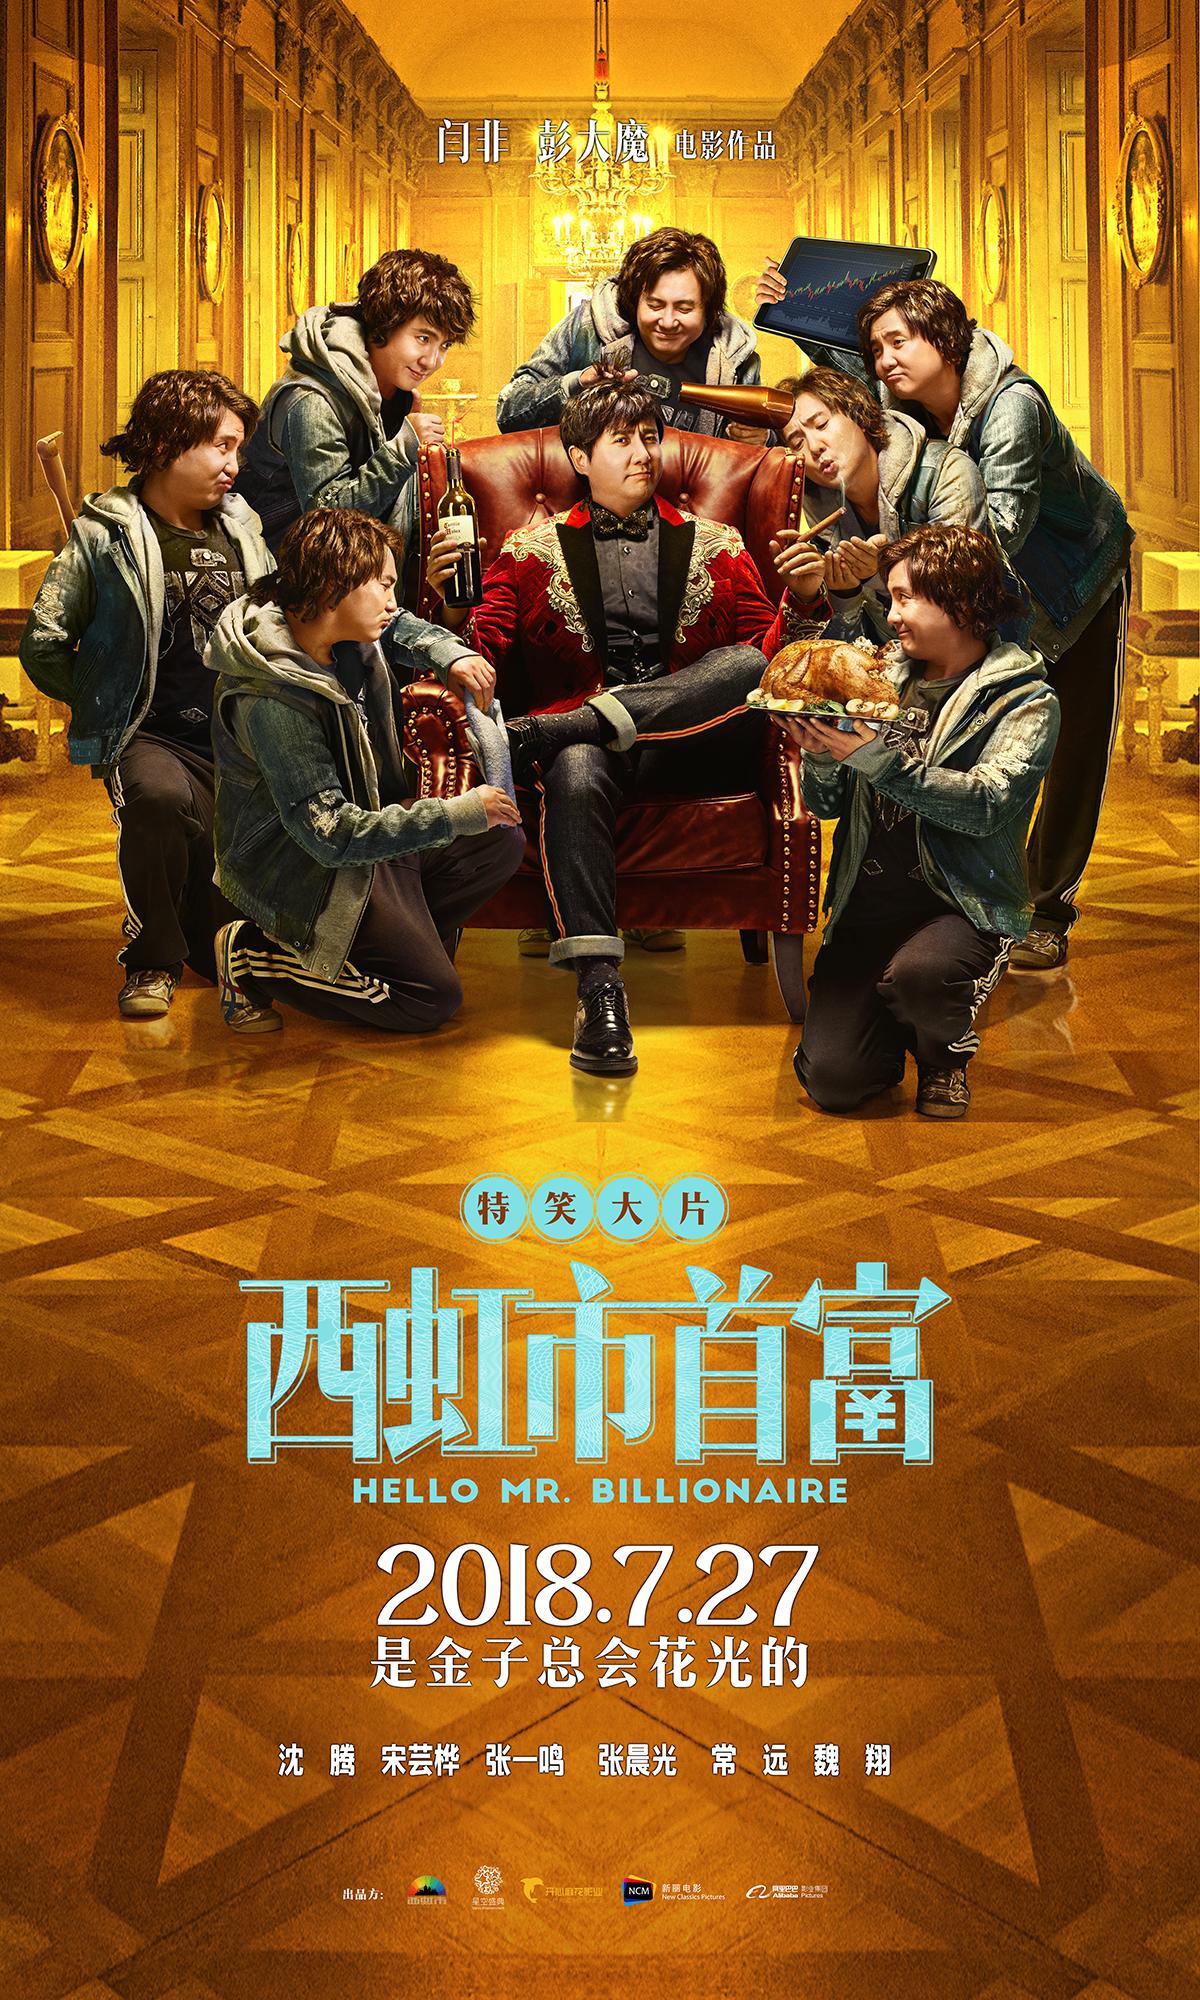 Xi Hong Shi Shou Fu 2018 Imdb